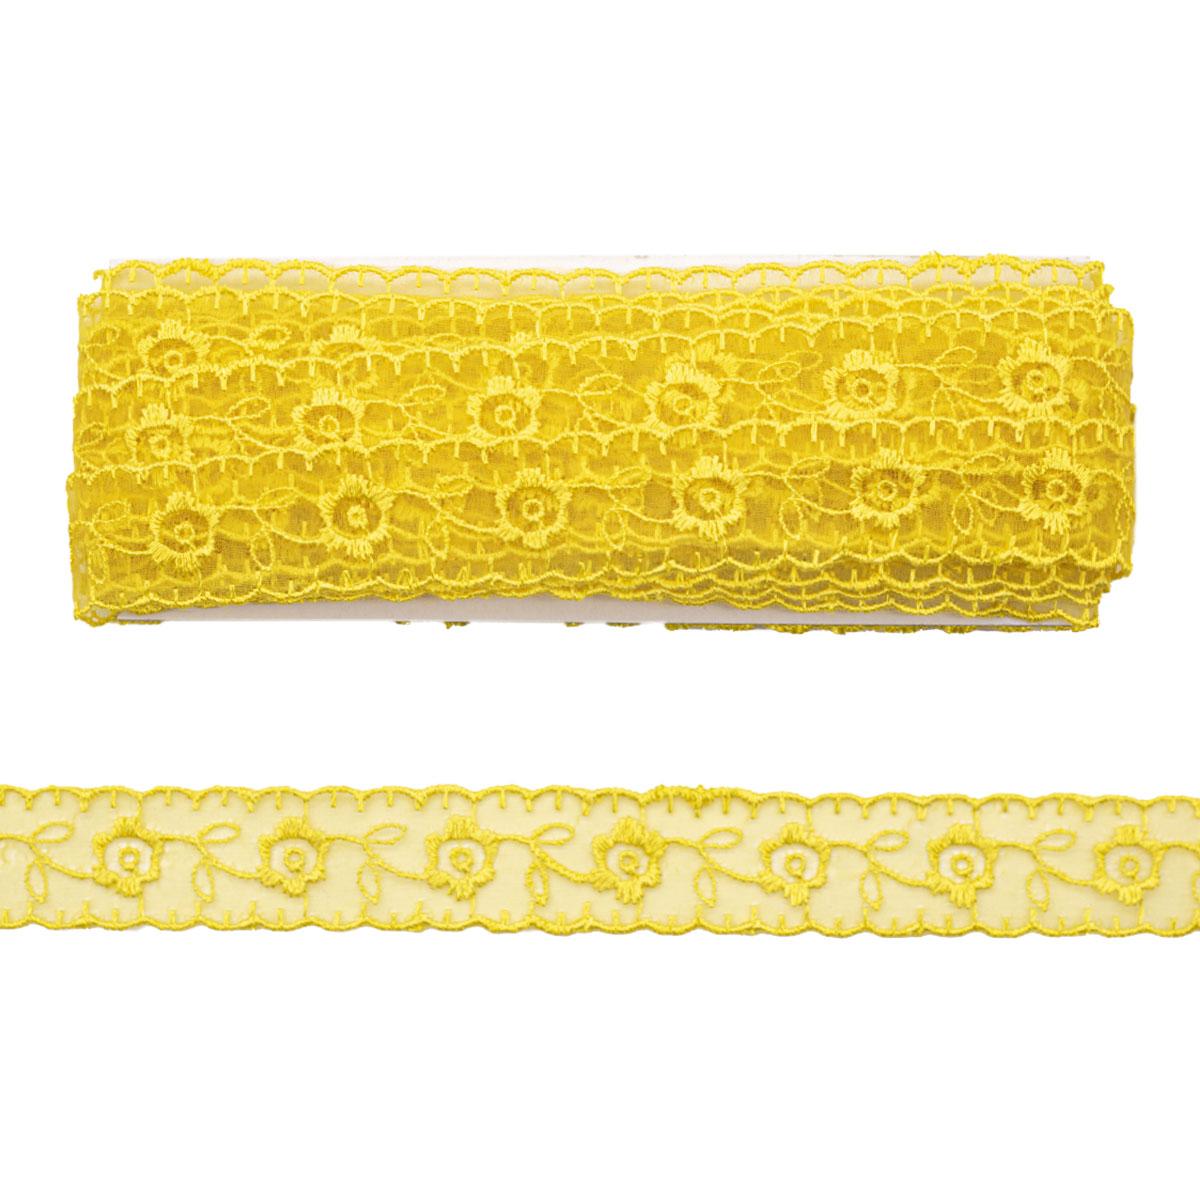 Кружево капрон 2,2см*6,8 м (+/- 4 см) 0574-1003, A517 желтый